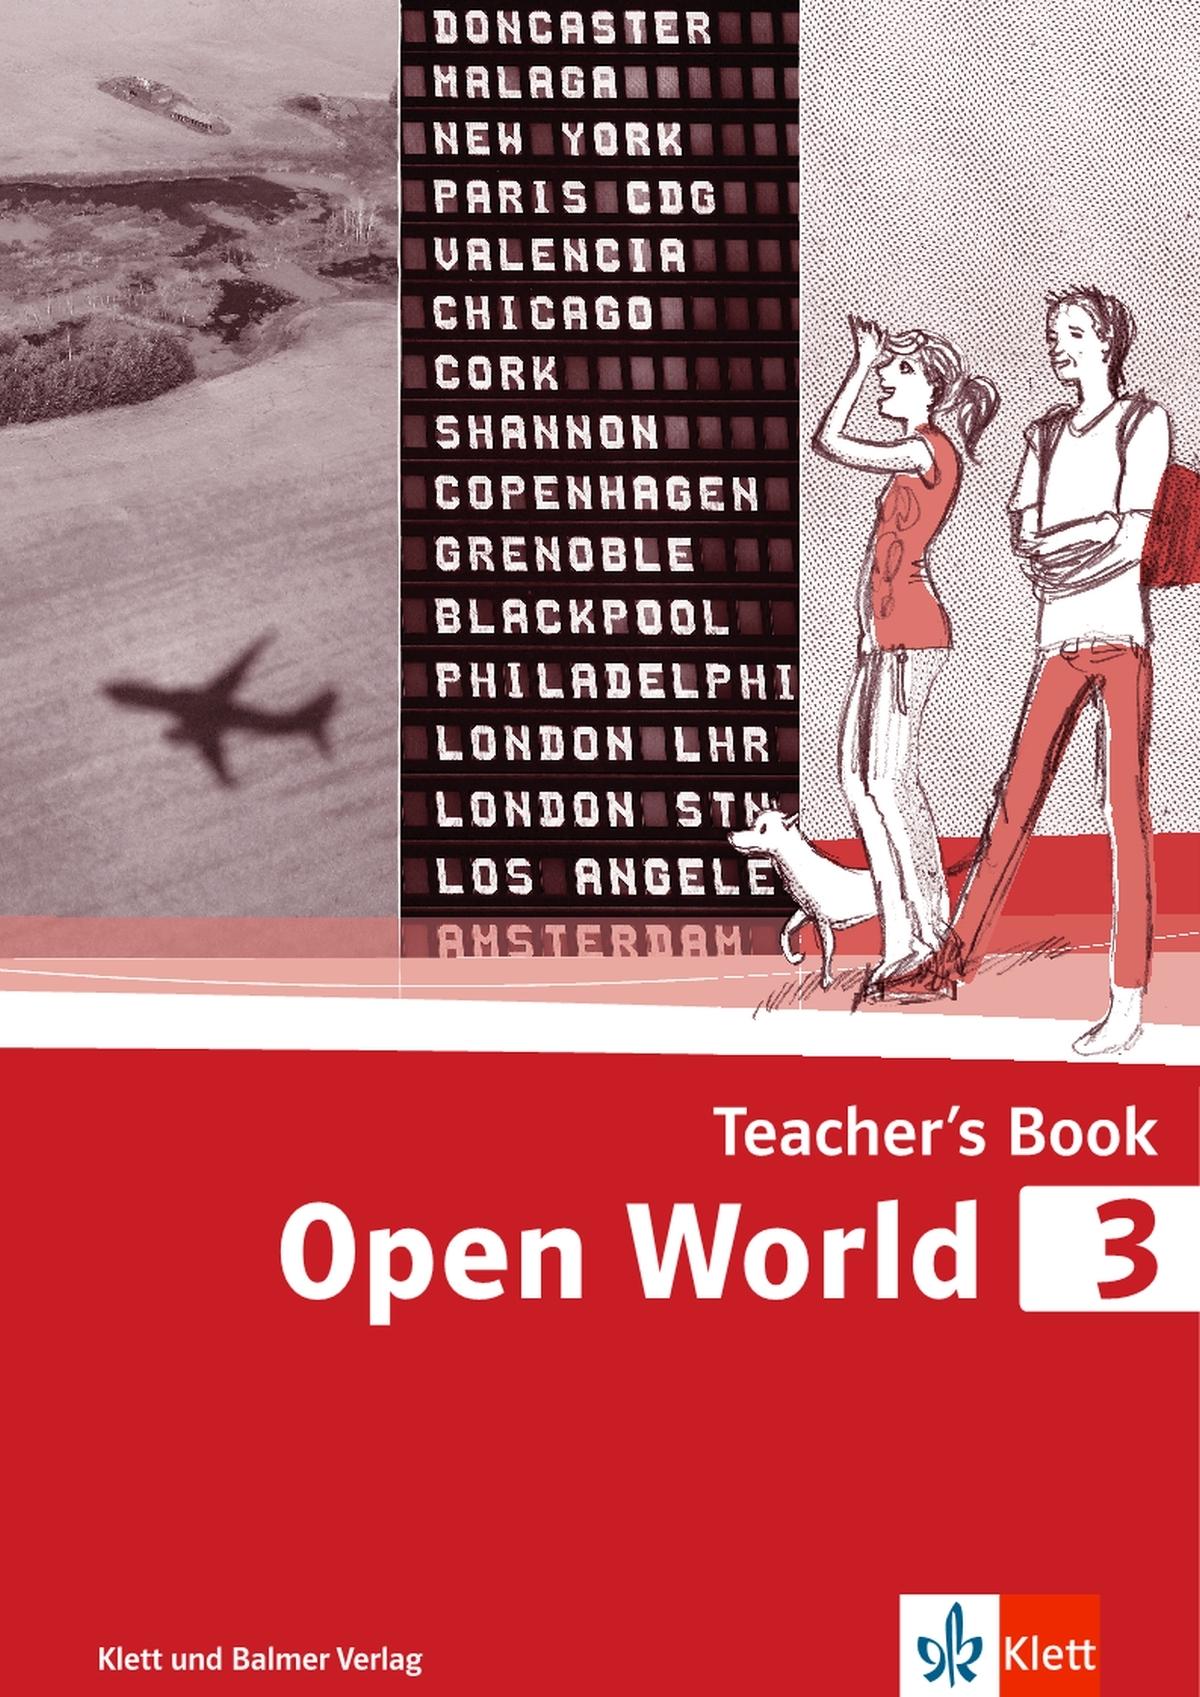 Teachers book open world 3 978 3 264 84267 8 klett und balmer